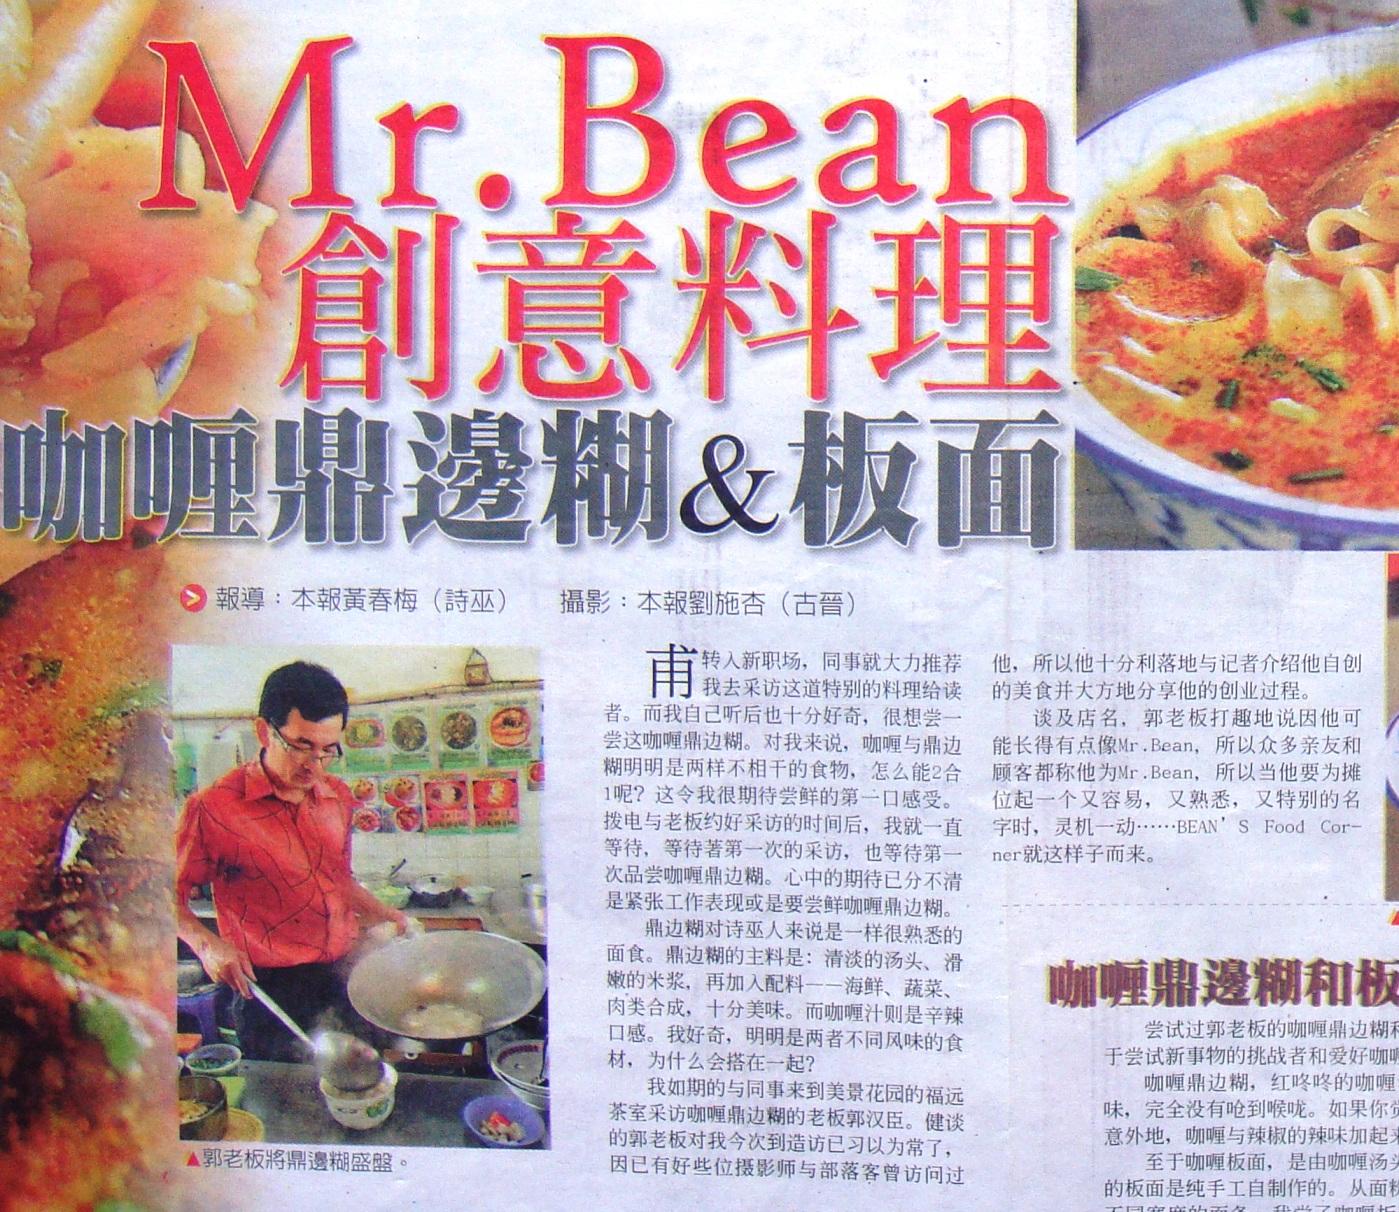 BEAN'S Food Corner